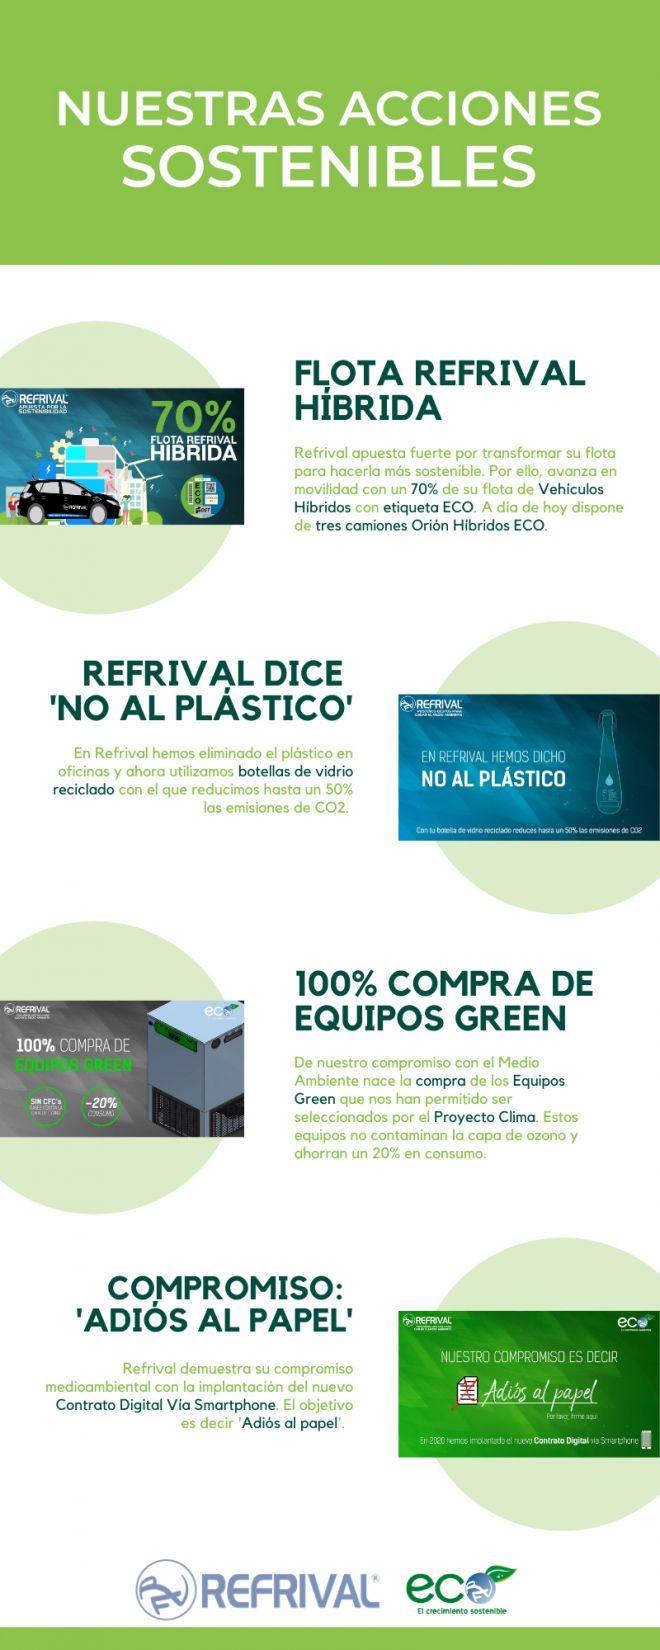 Nuestras acciones sostenibles